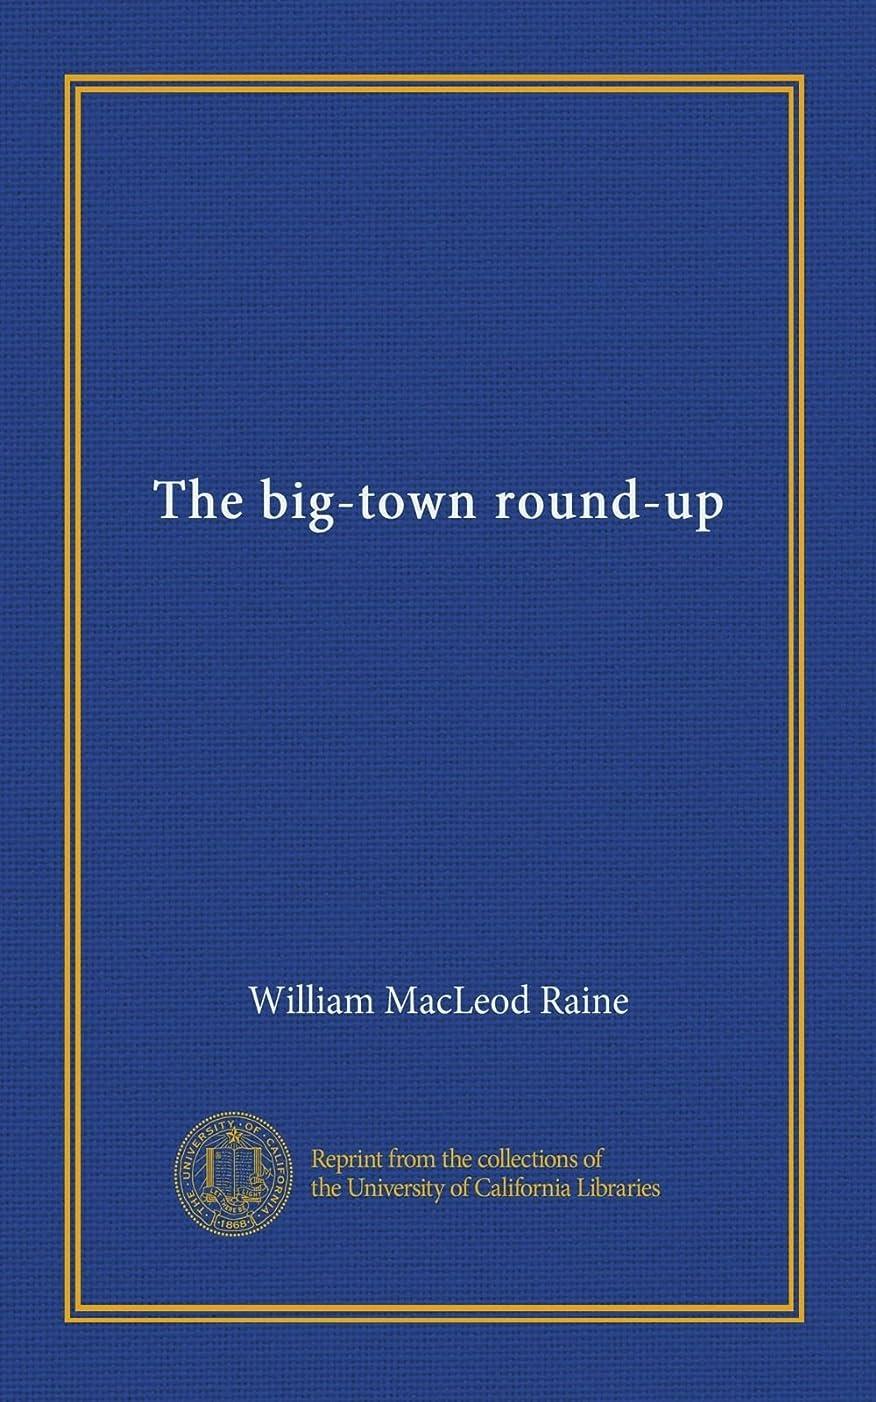 懇願する海里定義The big-town round-up